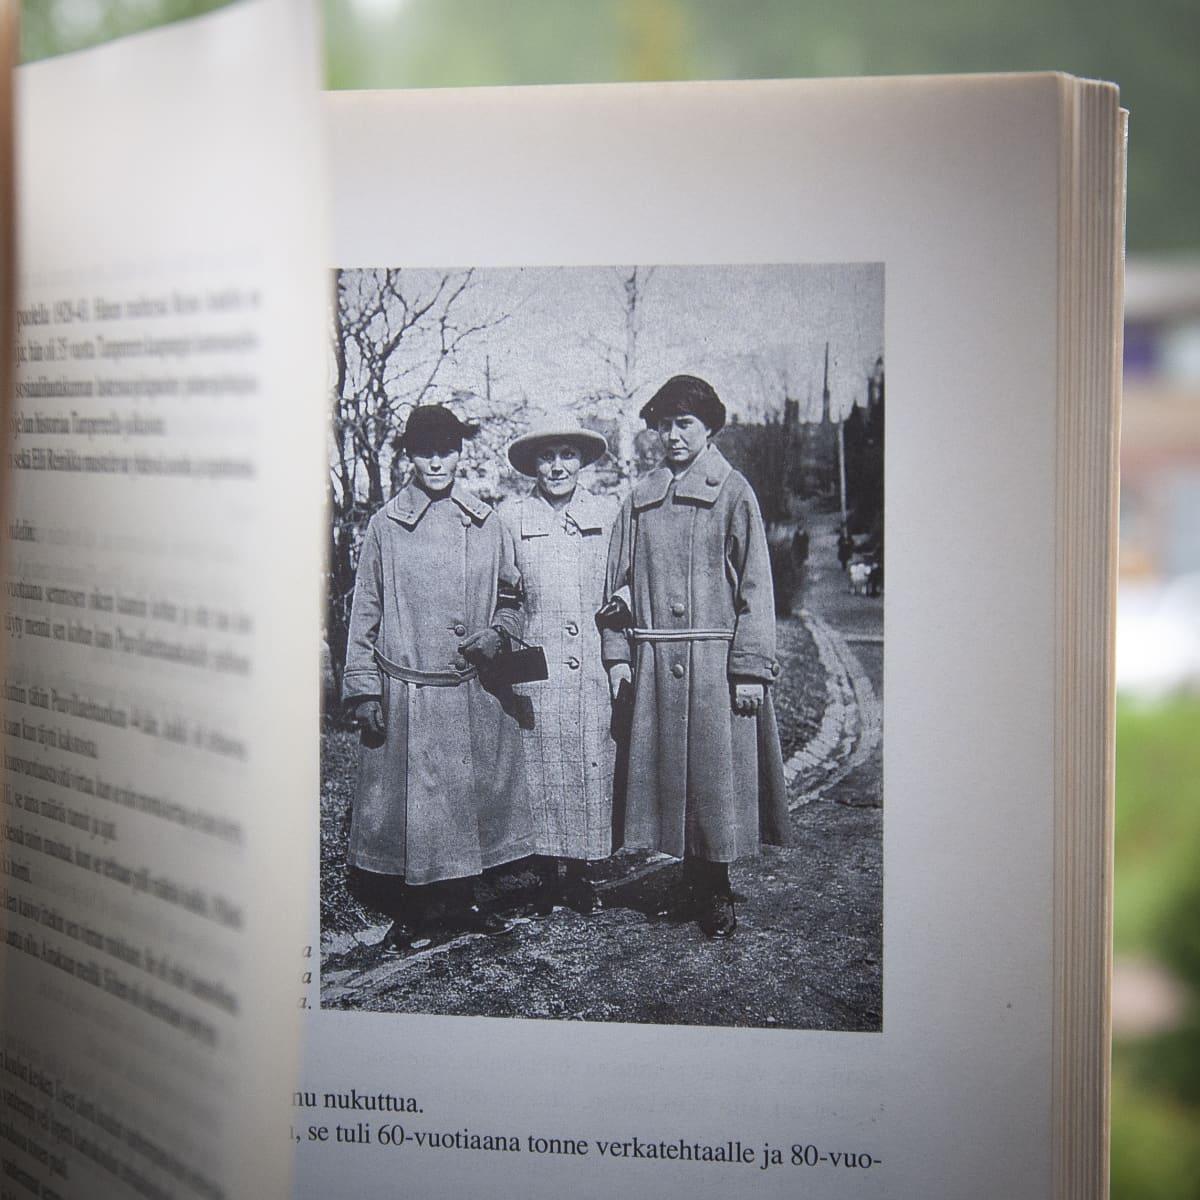 Kolme naista seisoo kadulla vierekkäin käsikynkässä, yllä pitkät päällystakit ja hatut.